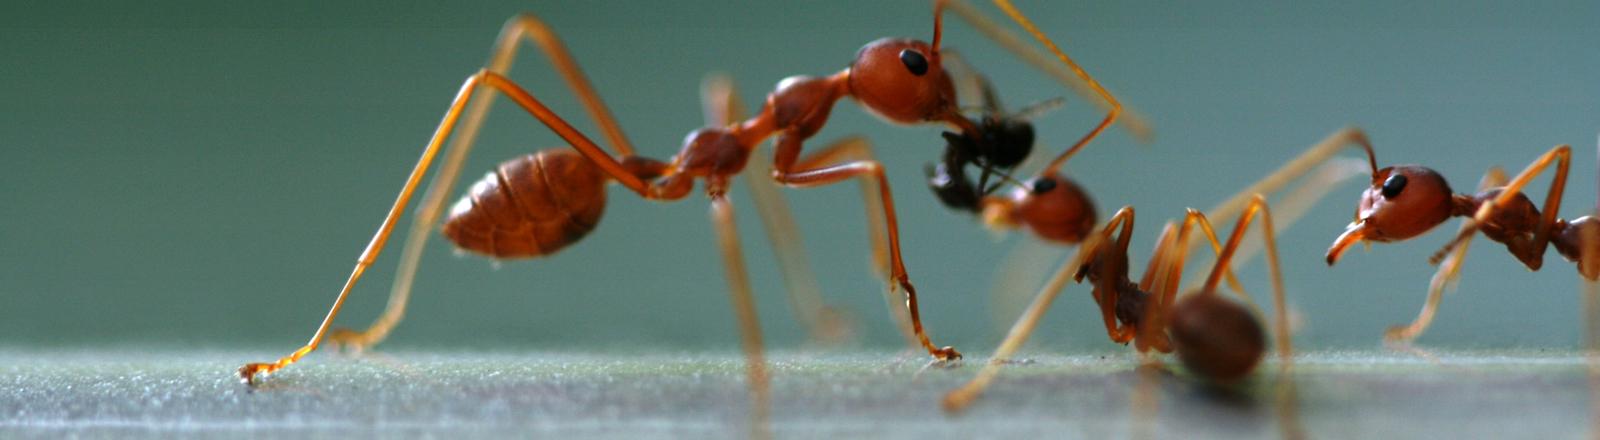 Rote Ameisen kümmern sich um Futter